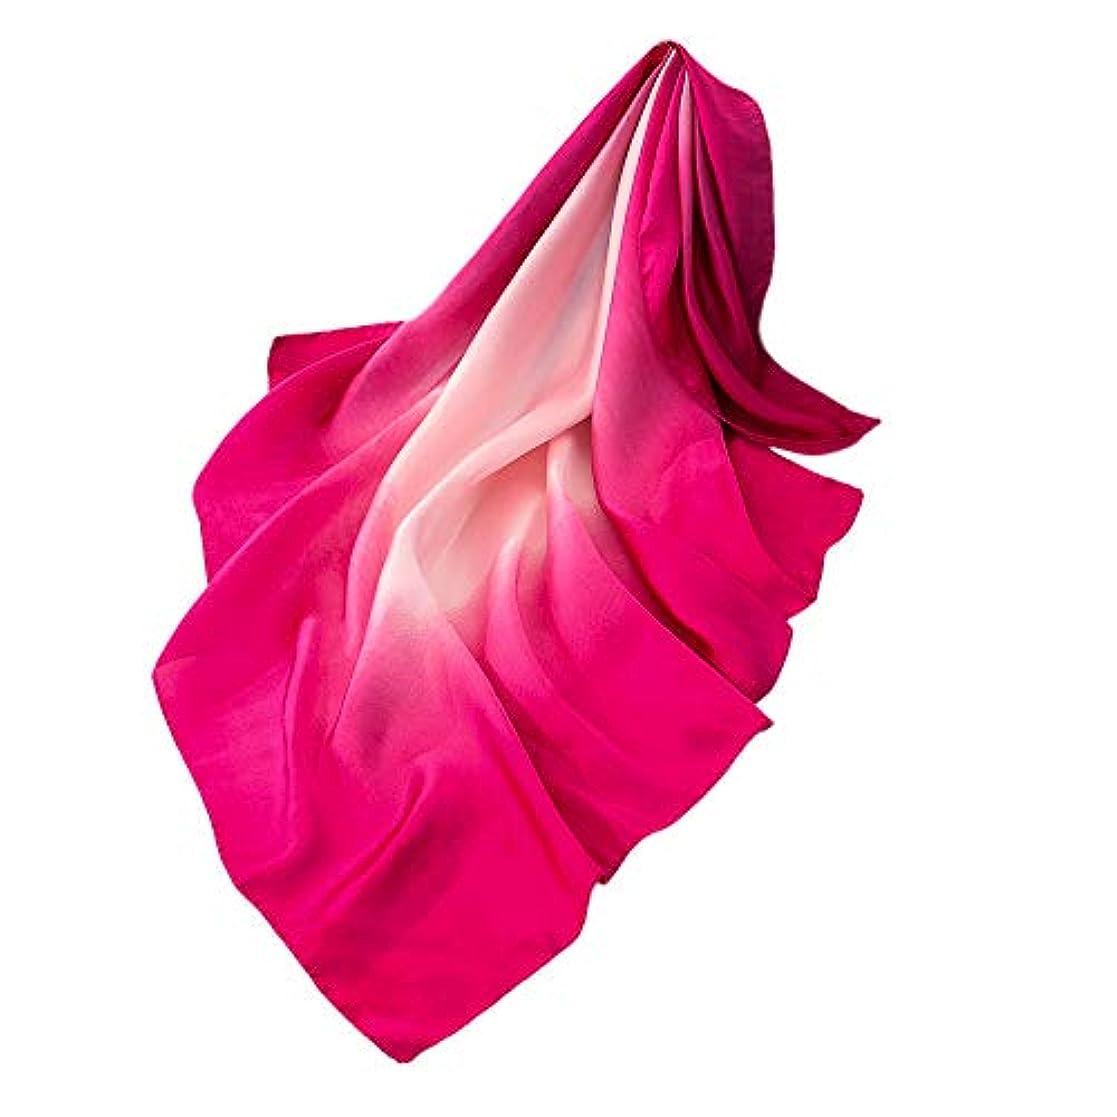 報いる留まる批判的にKanhan-scarf ACCESSORY レディース US サイズ: 90x90cm